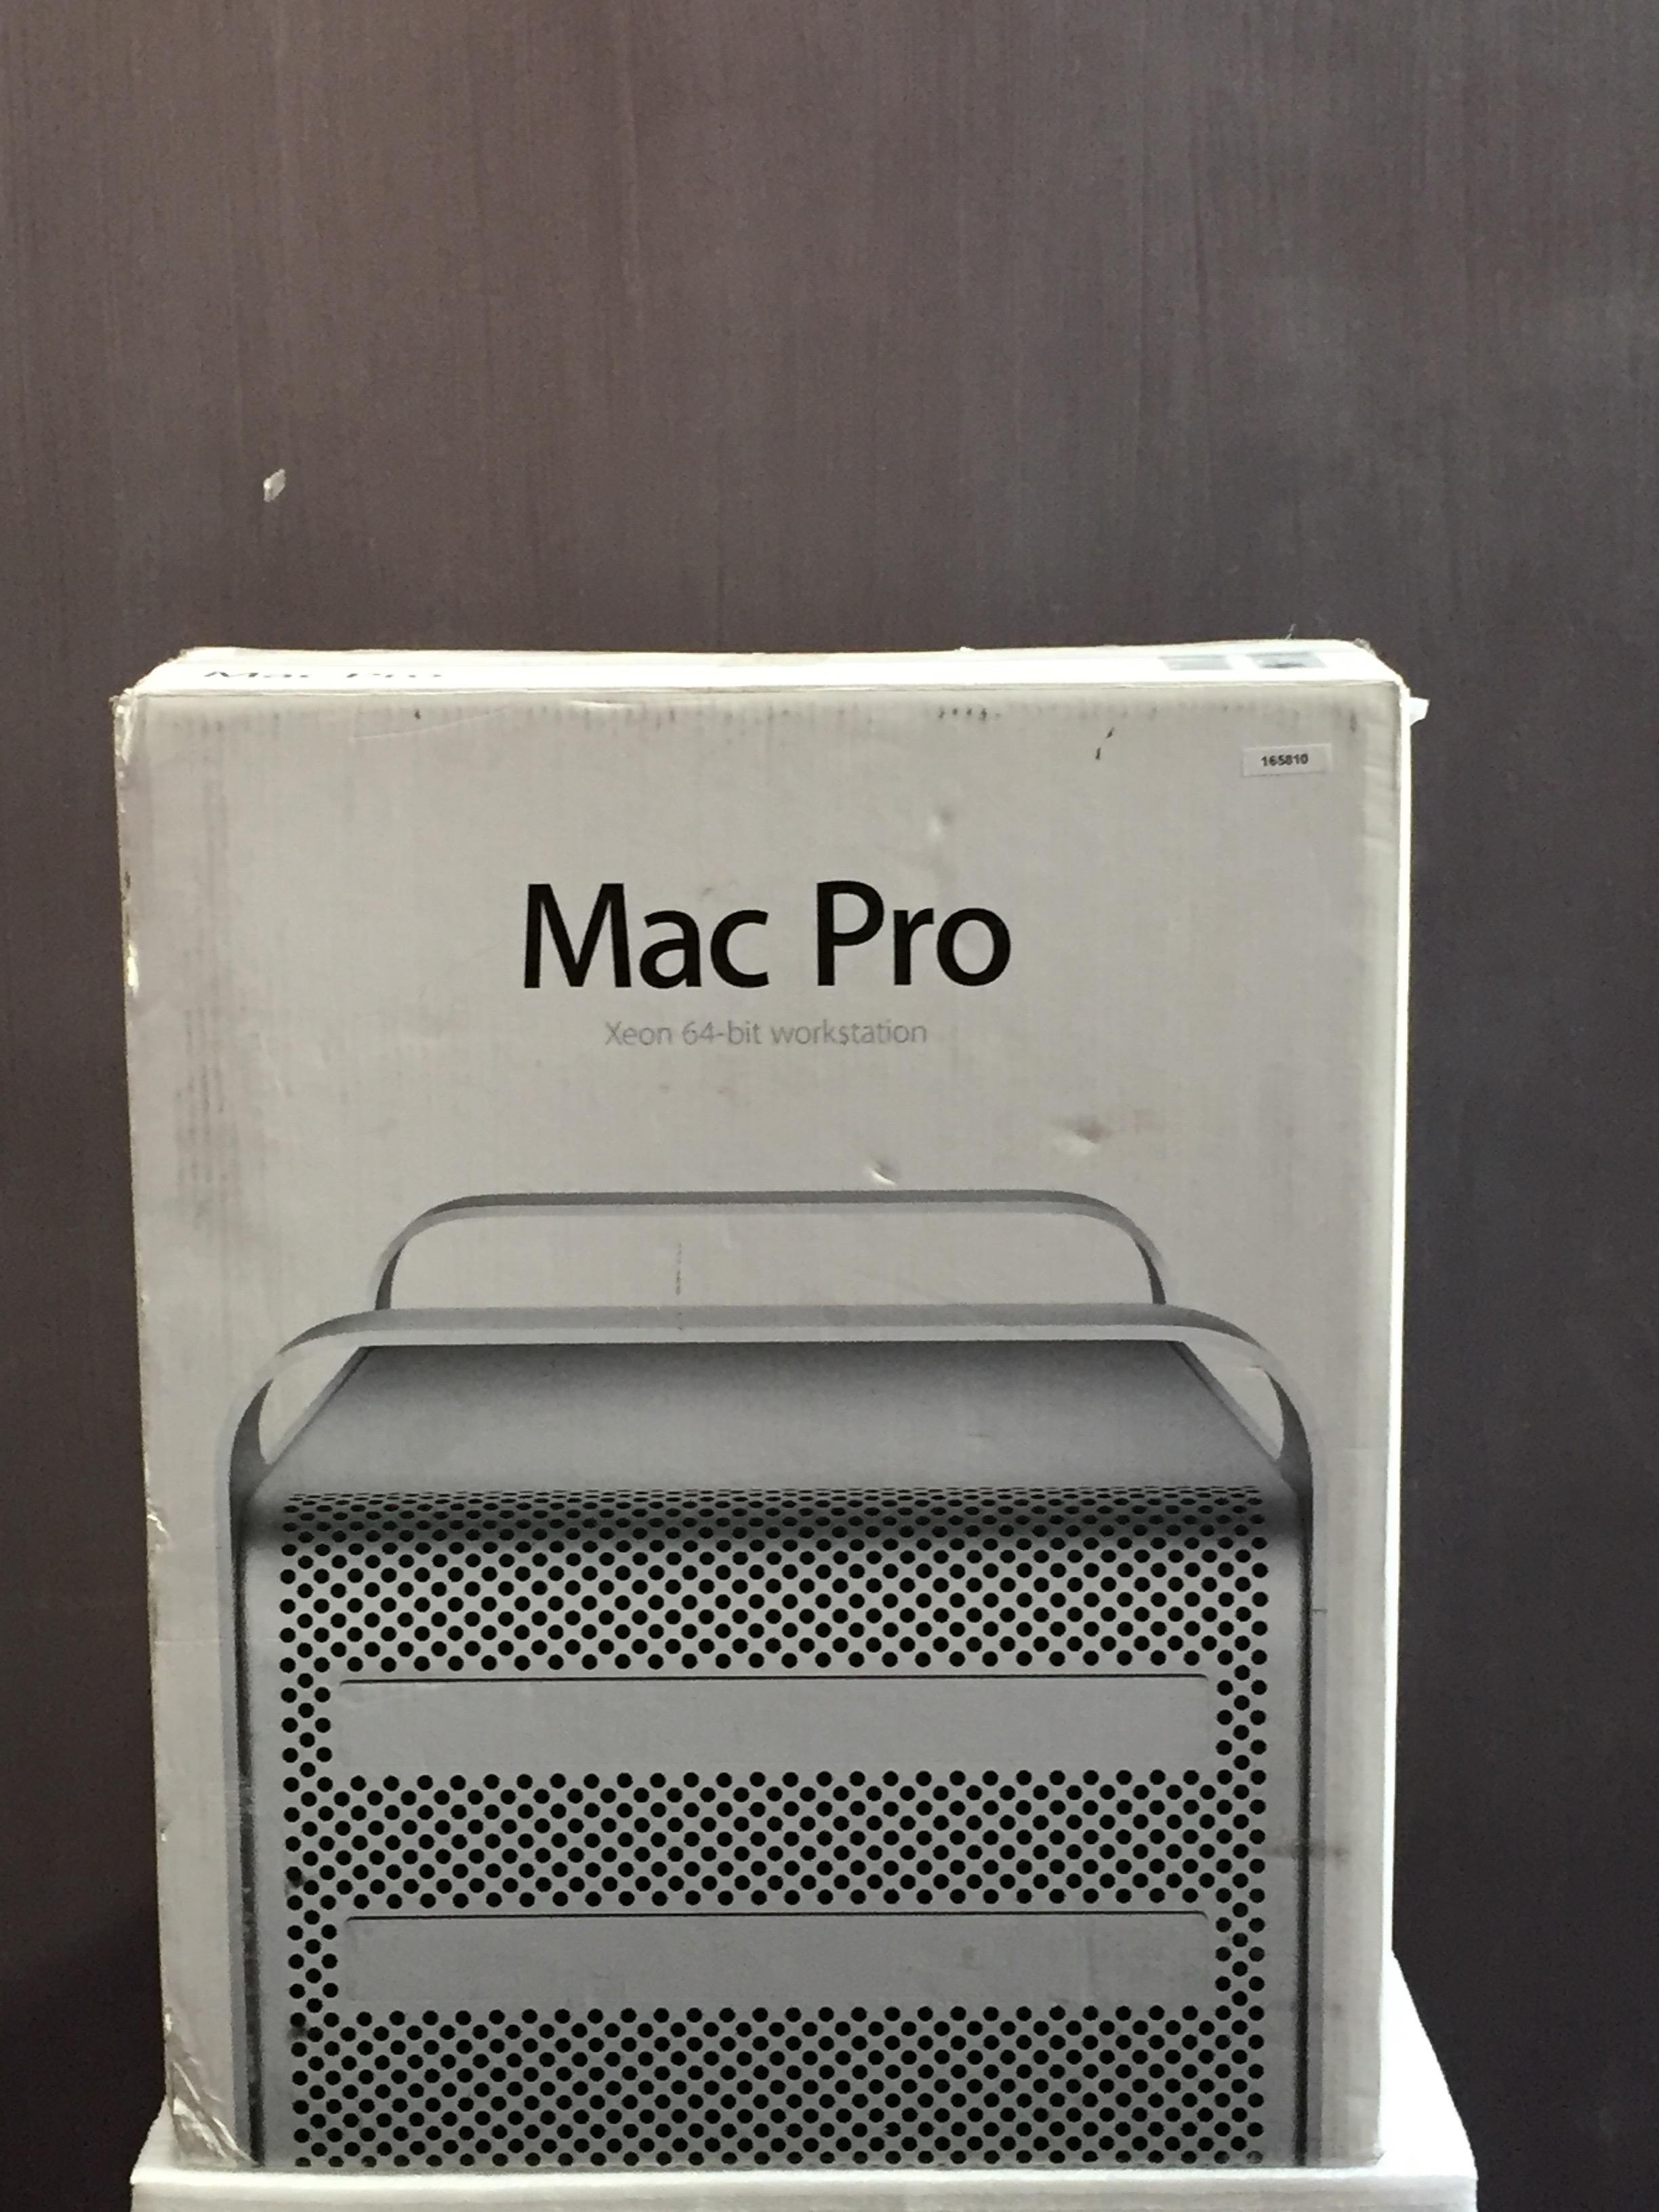 Mac Pro Mid 2012 (Intel Xeon 3.2 GHz 6 GB RAM 1 TB HDD), INTEL XEON 3,2 GHZ, 10 GB DDR3 1066 MHZ, HDD 1 TB, imagen 5